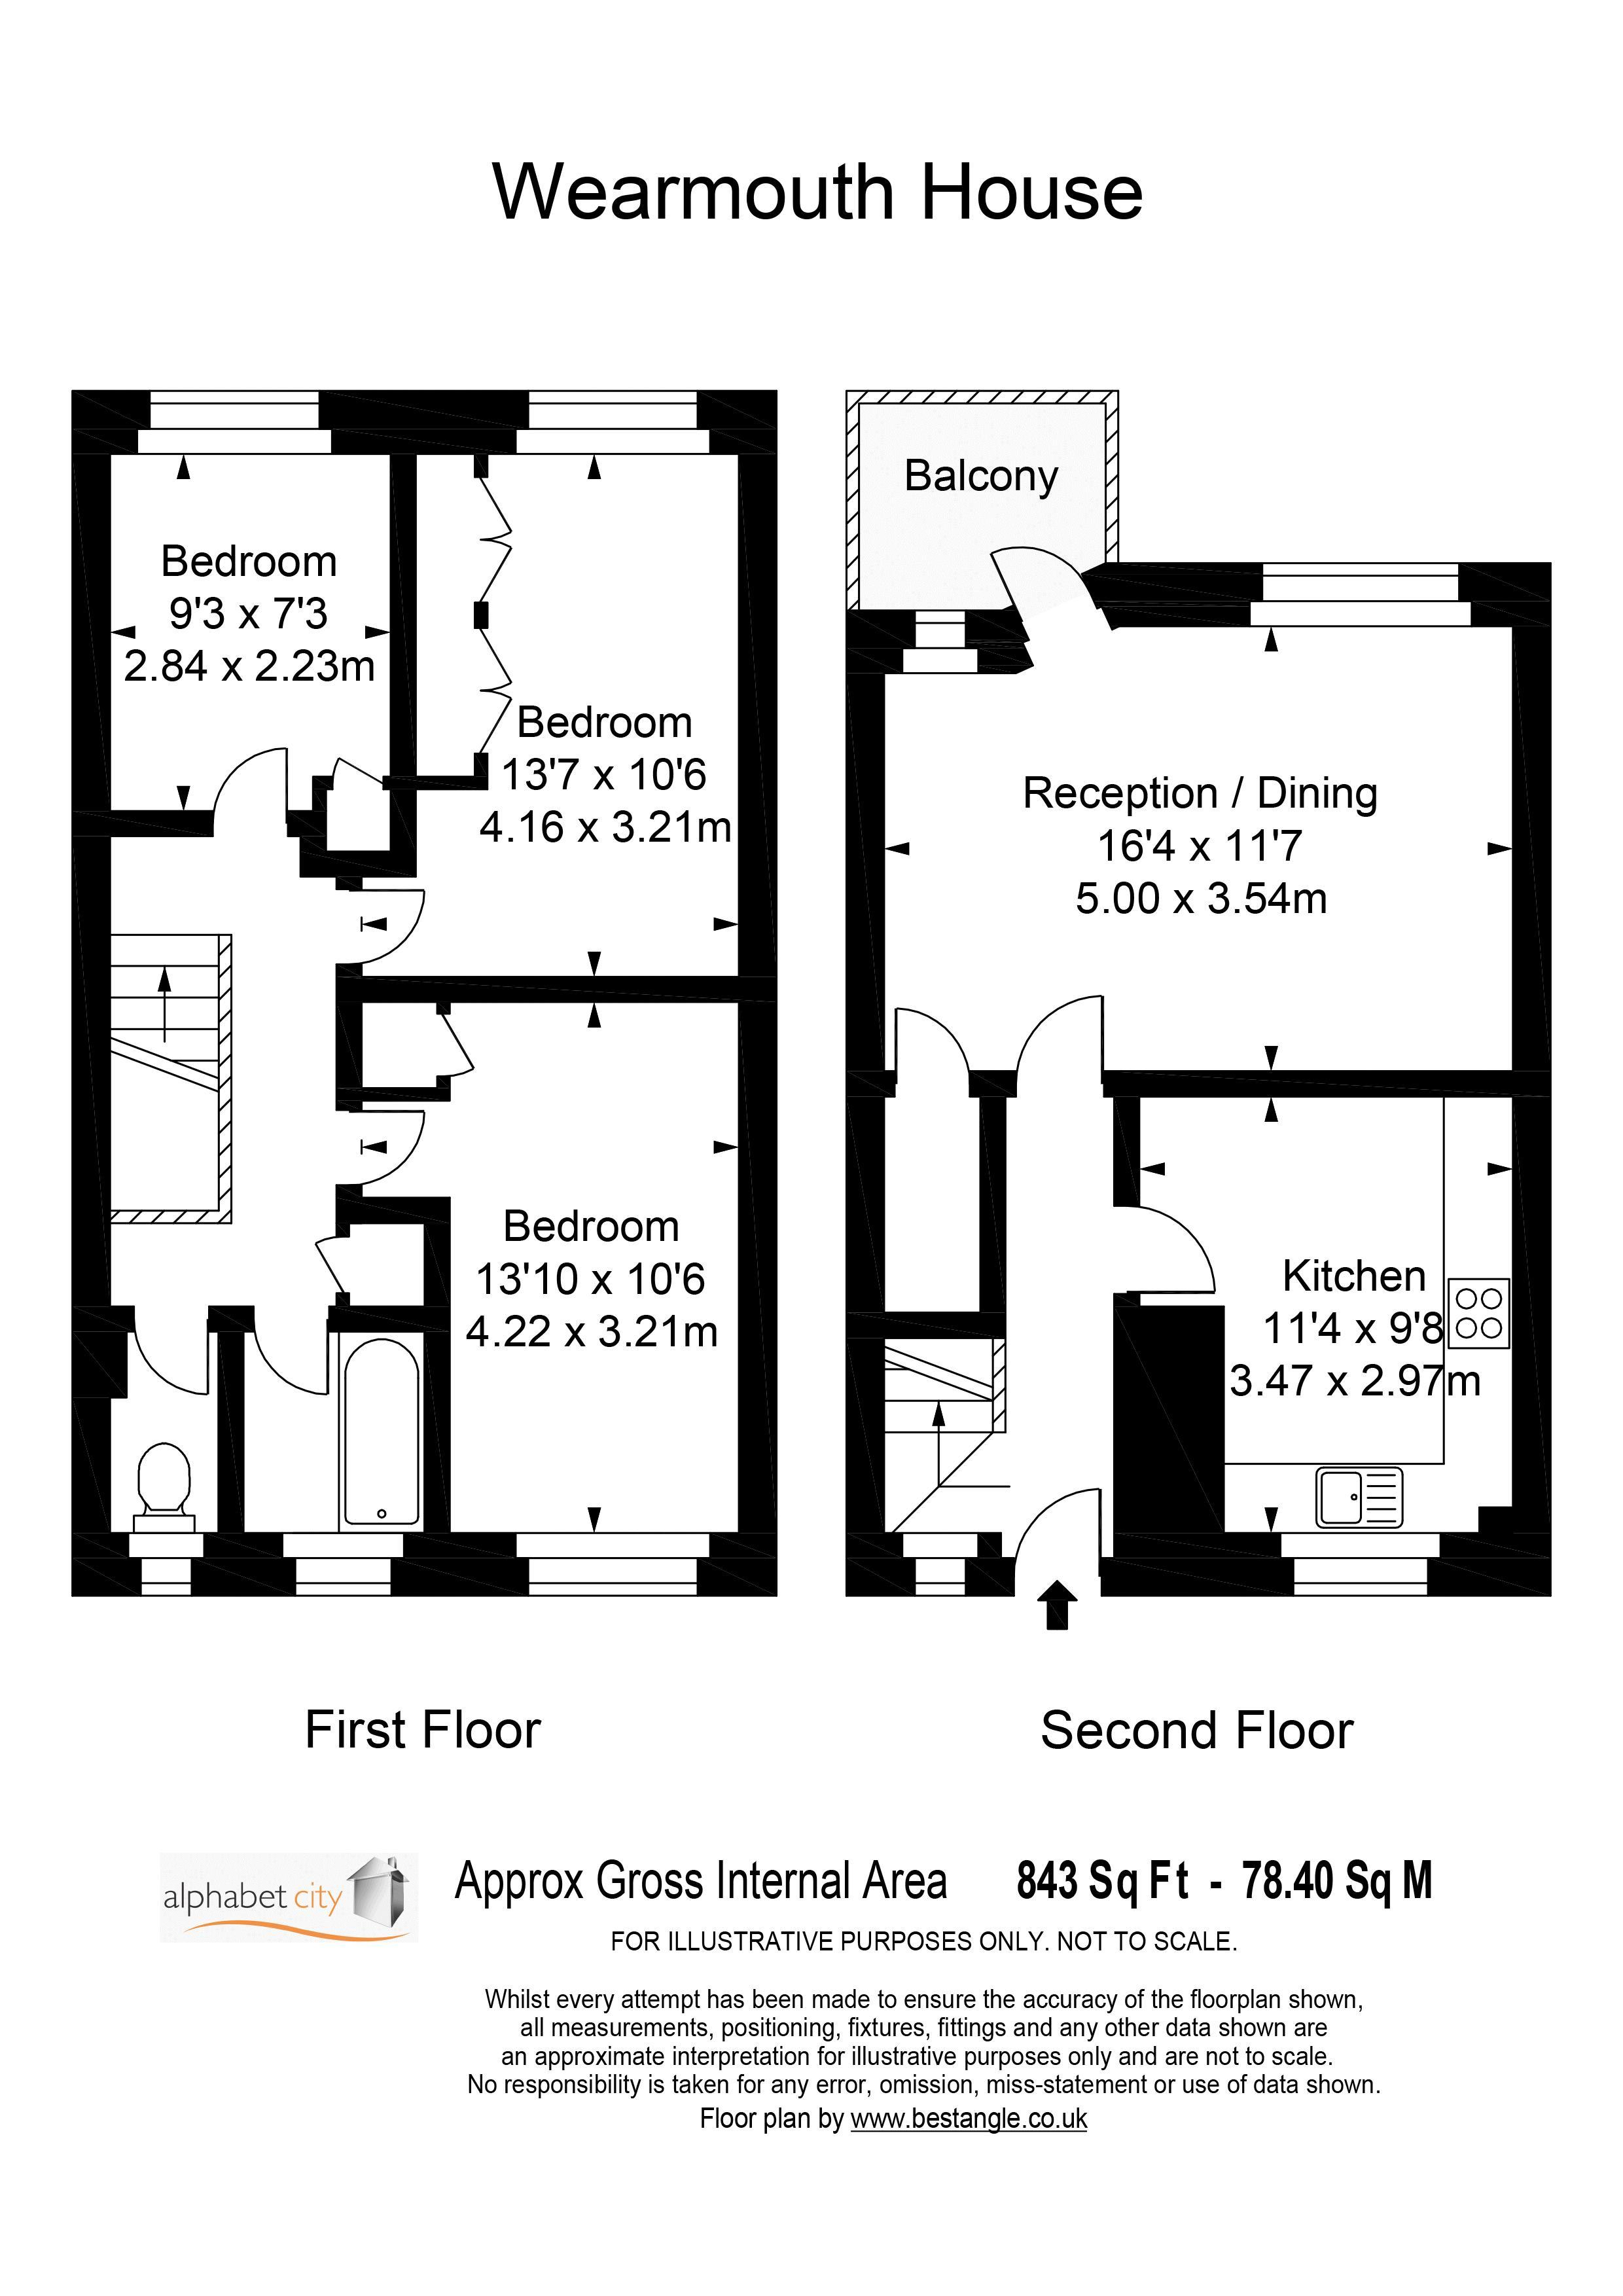 Wearmouth Floor Plan